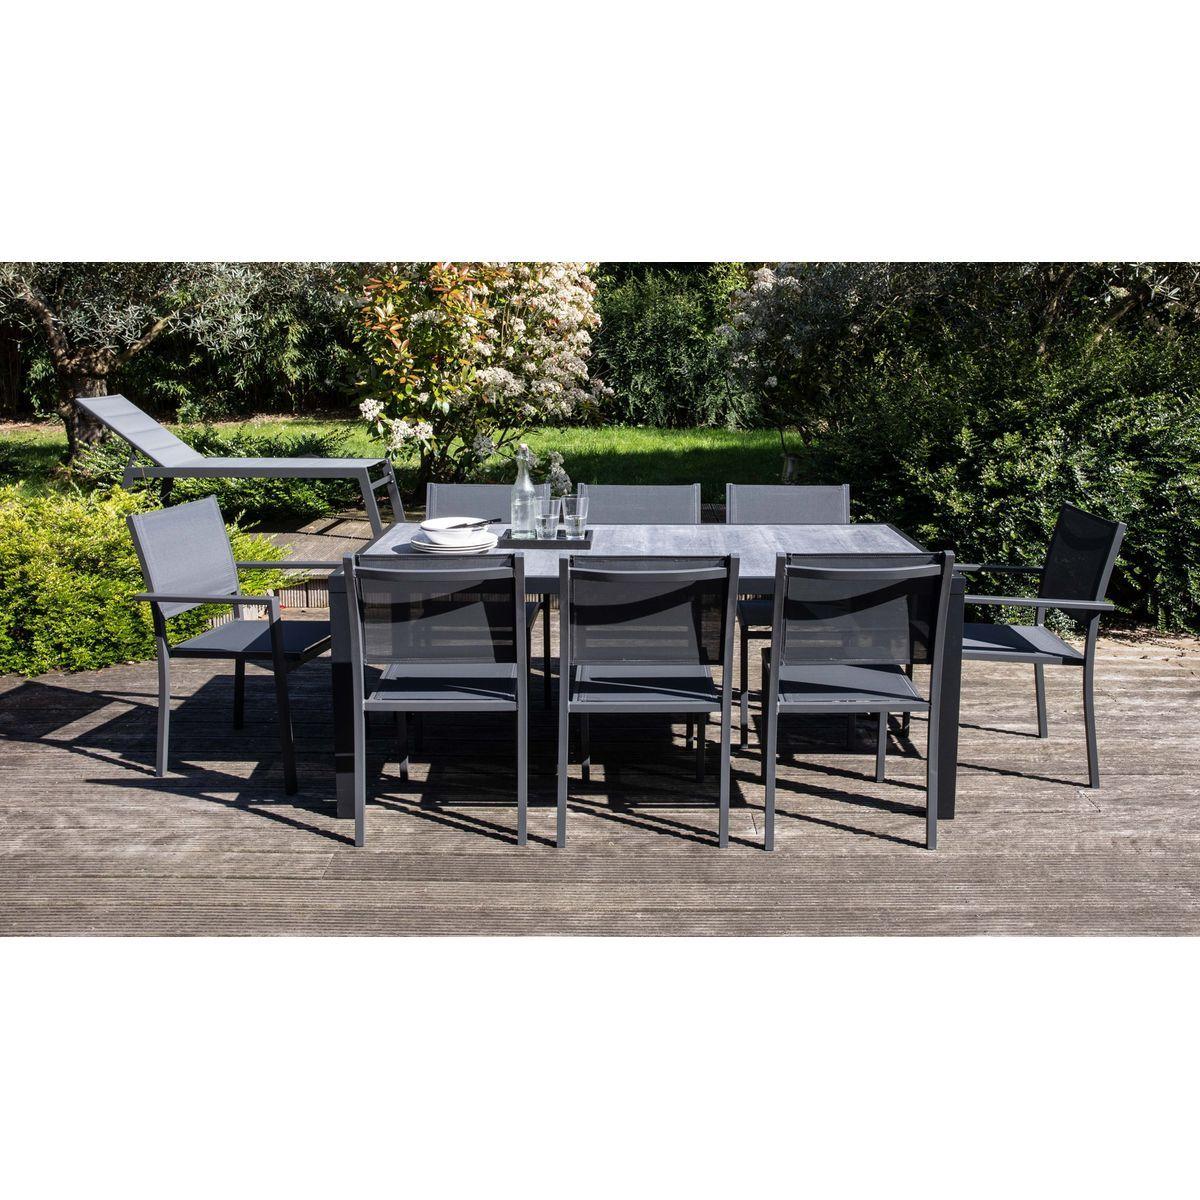 Salon De Jardin Aluminium Et Céramique, 1 Table, 6 Chaises ... intérieur Table Jardin Ceramique